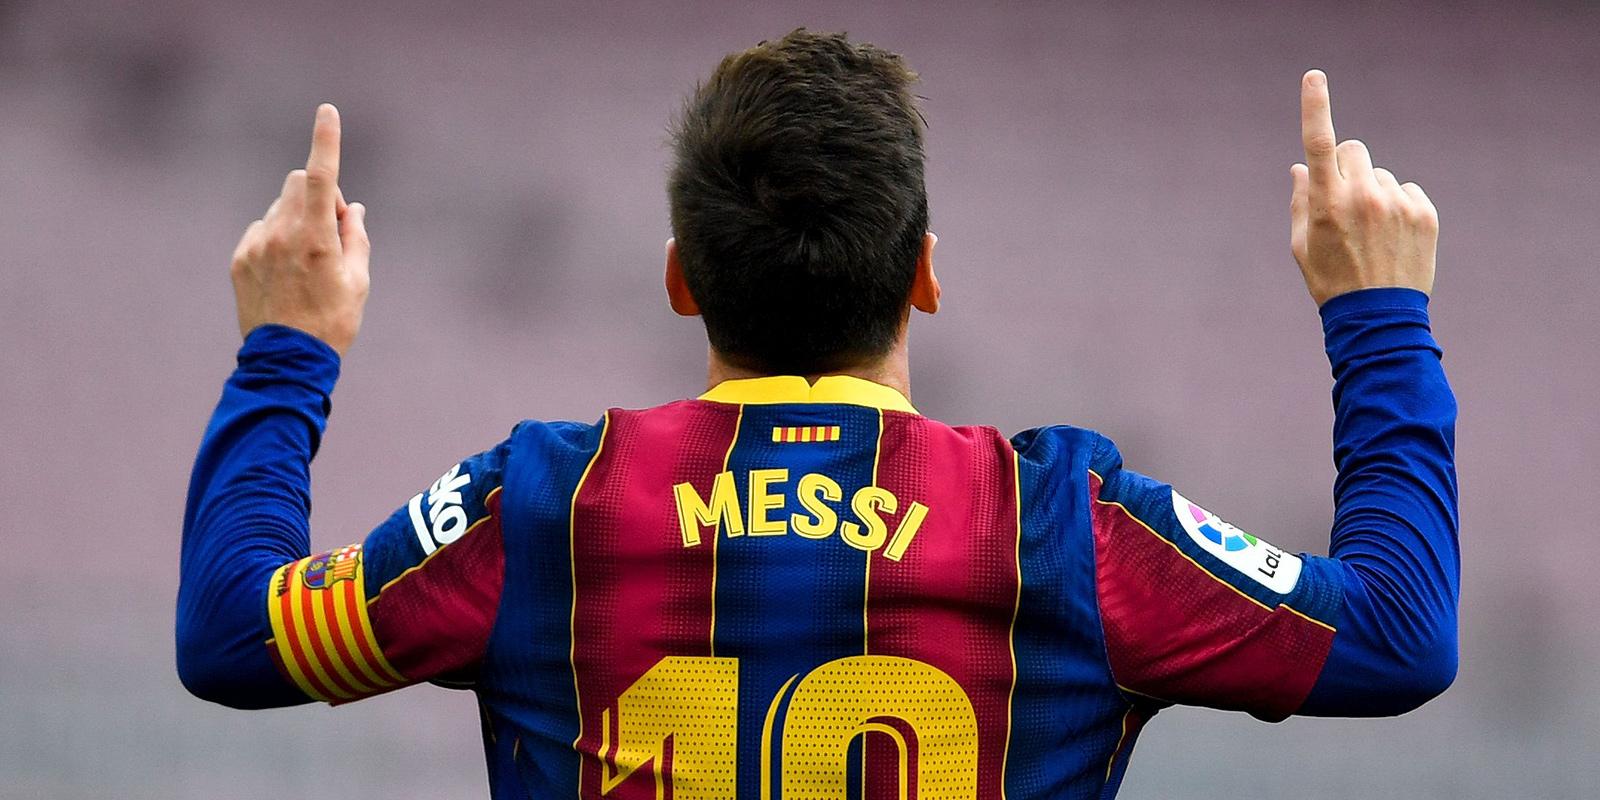 Lionel Messi kimdir? Nereli ve kaç yaşında?   Hangi takımlarda oynadı?   Messi Barcelona!dan ayrıldı mı?